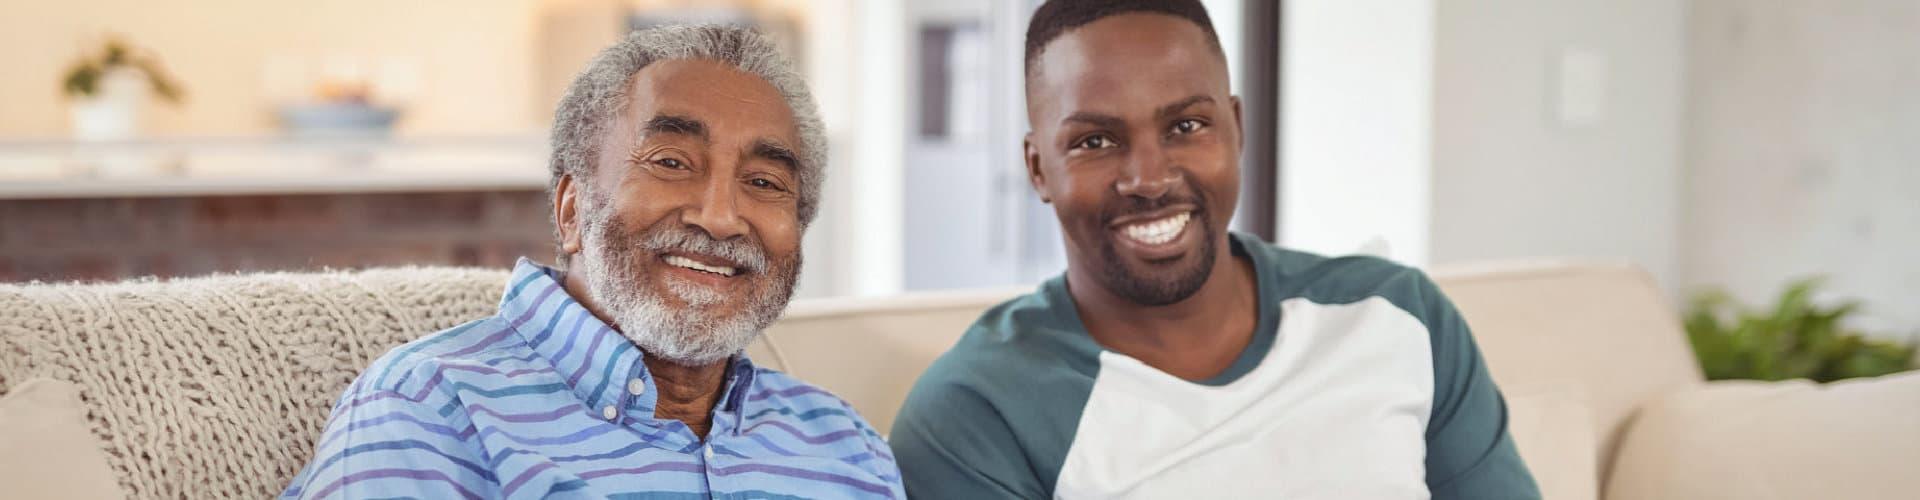 senior man and man smiling